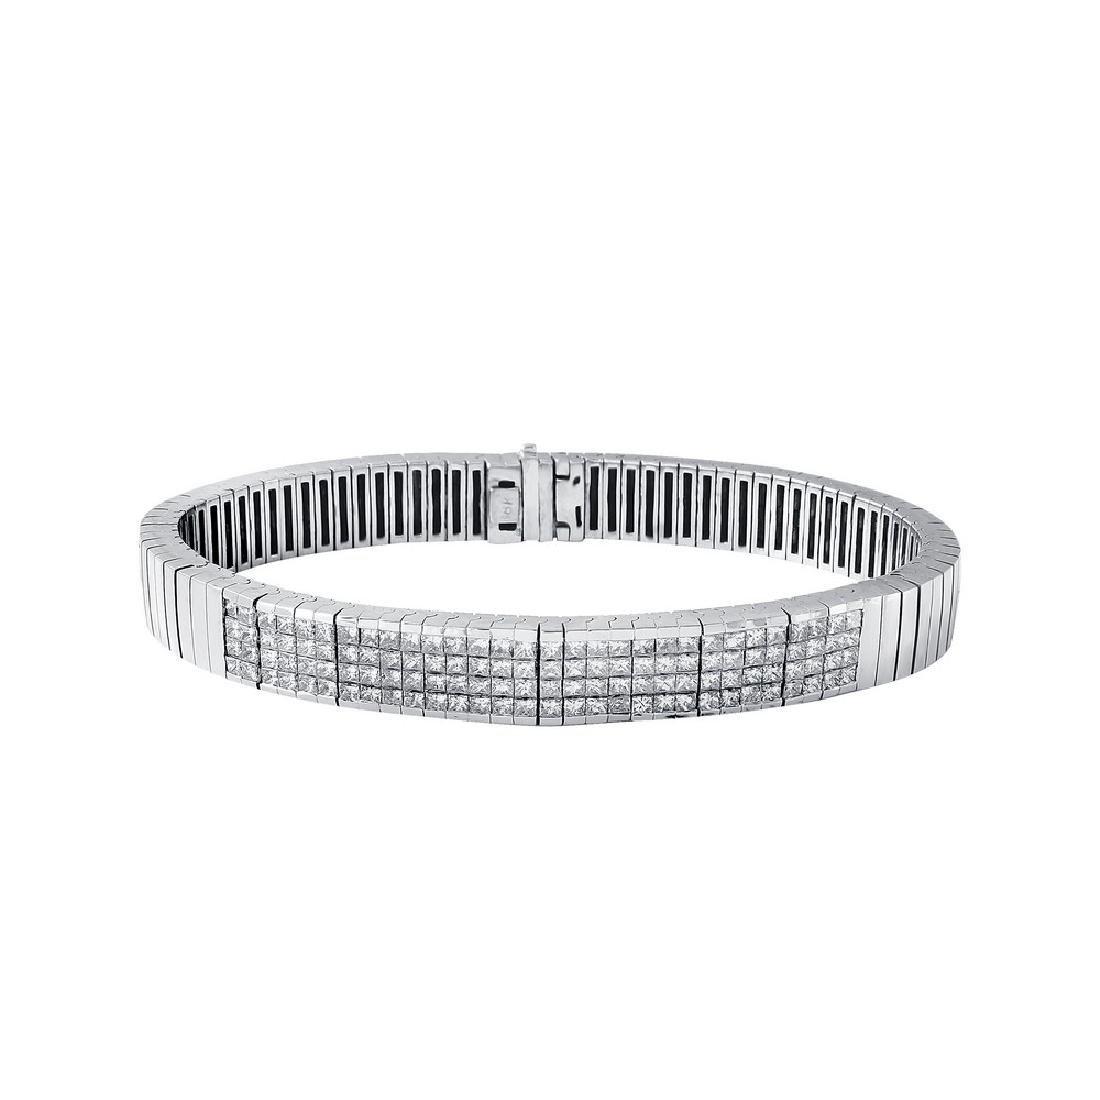 18KT White Gold 5.58ctw Diamond Bracelet